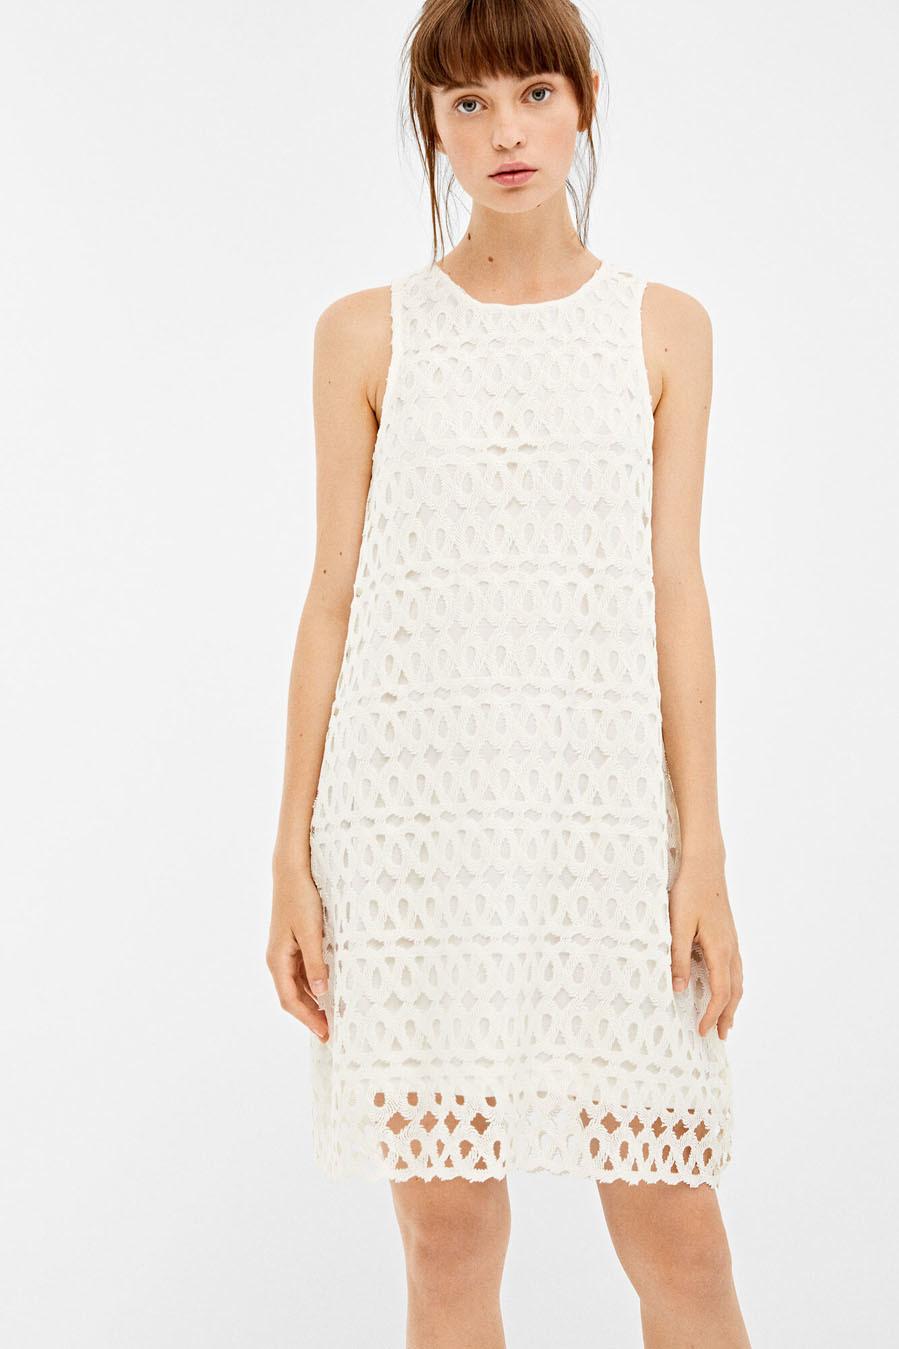 descuento hasta 60% venta usa online 2019 mejor Vestido blanco con calados, de Springfield | Moda | EL MUNDO